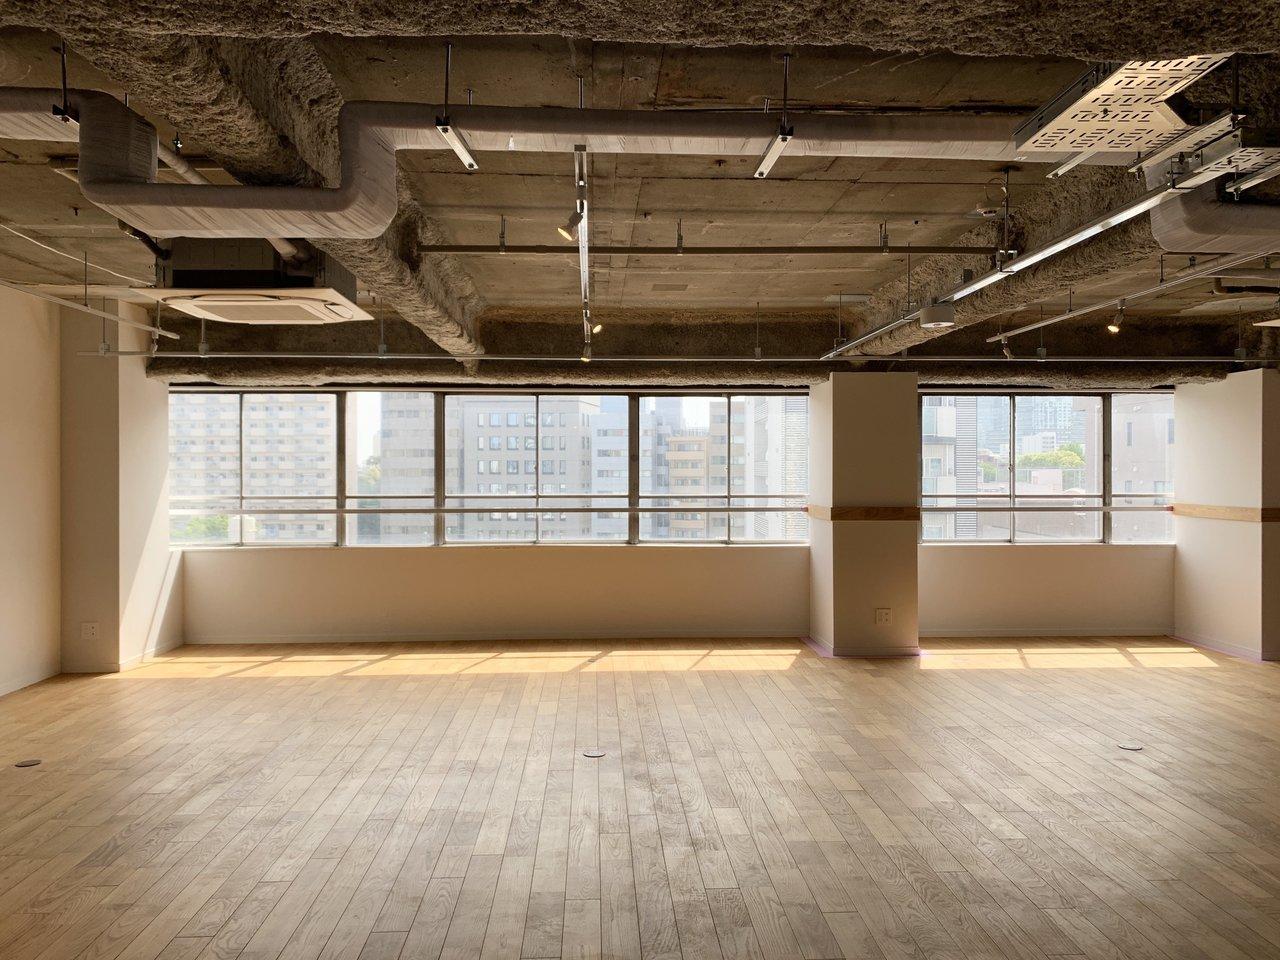 各階は無垢の床材を使った、シンプルながら心地よい空間。約75坪の1フロア貸しで70~90名ほどの人数でご利用いただけます。